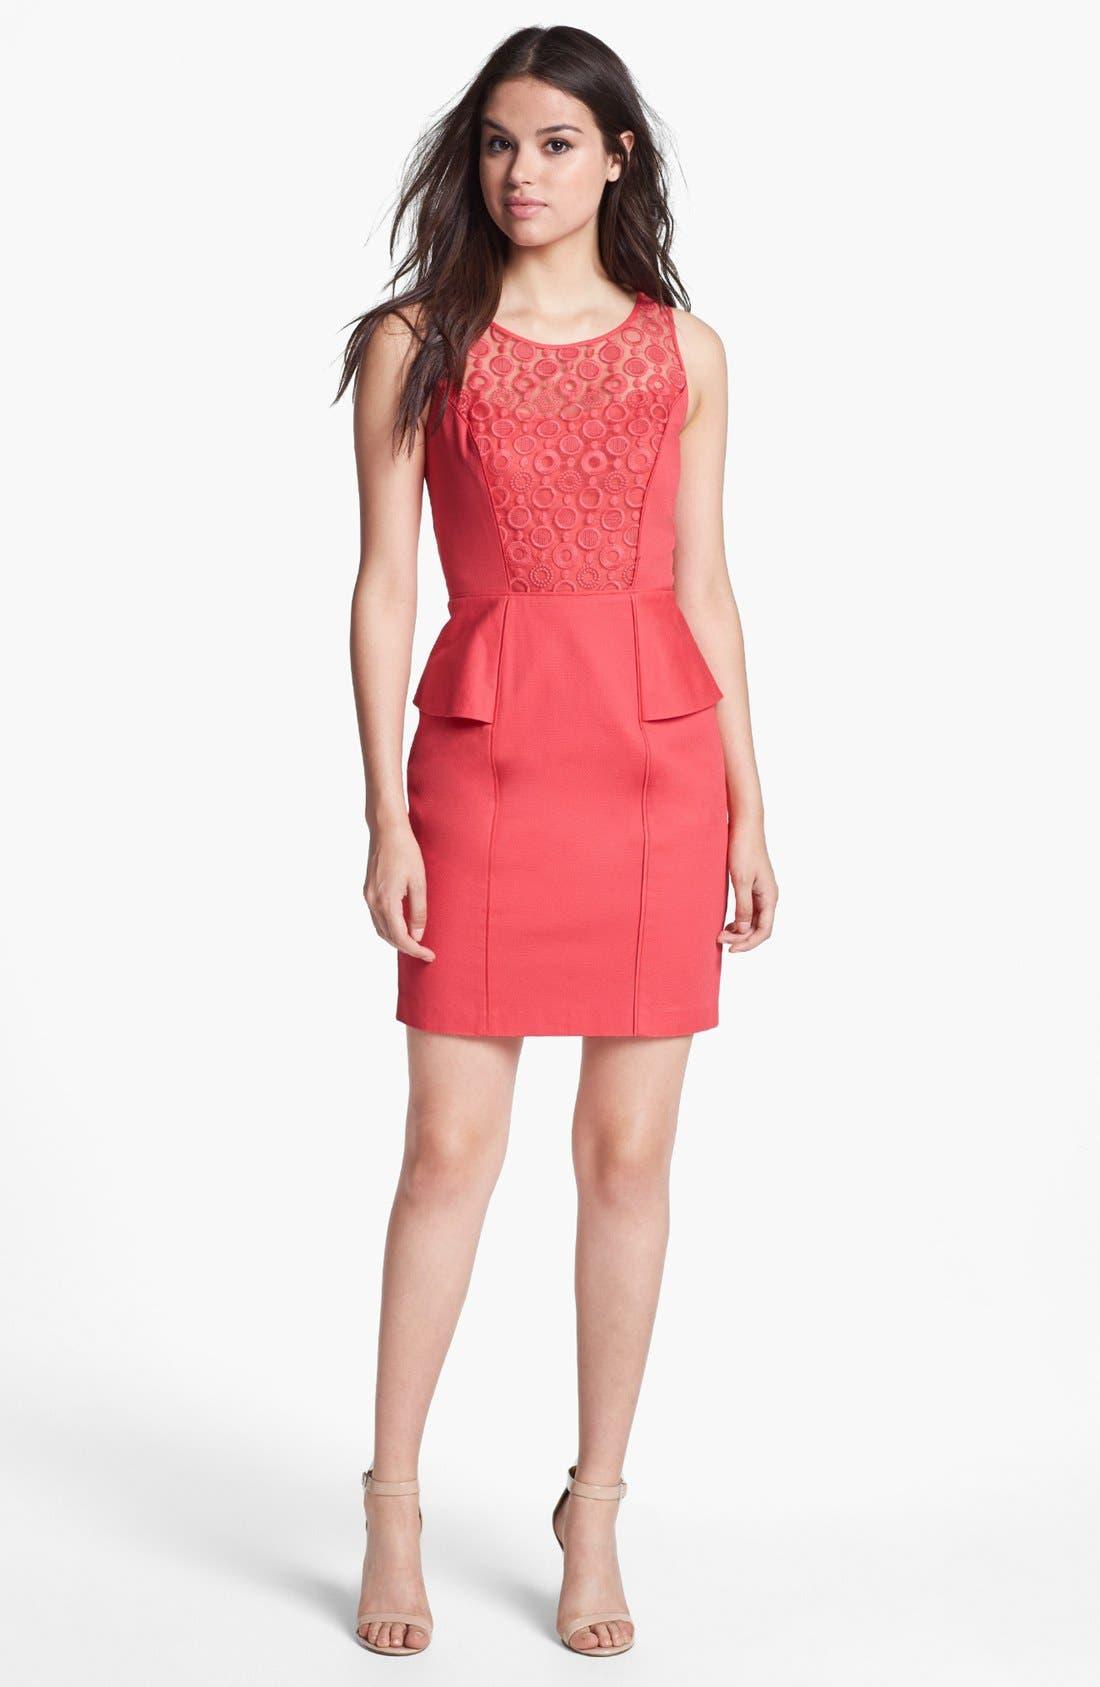 Main Image - Jessica Simpson Lace Yoke Sleeveless Peplum Sheath Dress